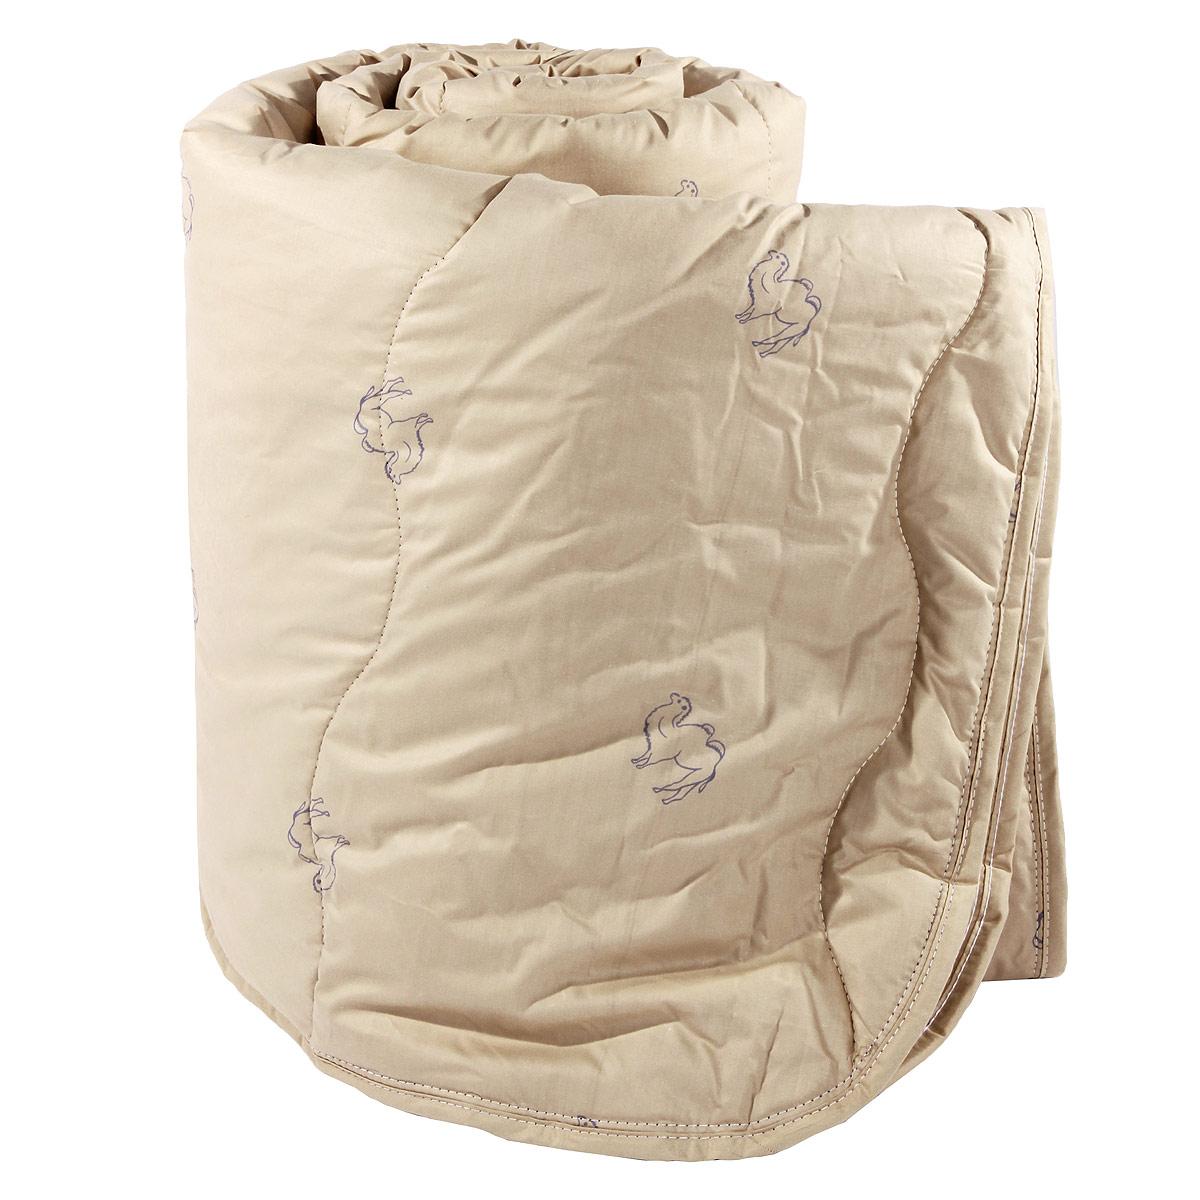 Одеяло Verossa, наполнитель: верблюжья шерсть, 172 х 205 см170583Одеяло Verossa представляет собой стеганый чехол из натурального хлопка с наполнителем из верблюжьей шерсти. Наполнитель обладает высокой гигроскопичностью, создавая эффект сухого тепла. Волокна верблюжьей шерсти полые внутри, образуют пласт, содержащий множество воздушных кармашков, которые равномерно сохраняют и распределяют тепло, обеспечивая естественную терморегуляцию в жару и холод. Верблюжья шерсть обладает рядом уникальных лечебных свойств, благодаря которым расширяются сосуды, усиливается микроциркуляция крови. Шерсть снимает статическое напряжение, благоприятно воздействует на опорно-двигательный аппарат. Одеяло, выстеганное оригинальным узором Барханы, украсит ваш дом и подарит наслаждение от отдыха. Одеяло упаковано в прозрачный пластиковый чехол на змейке с ручкой, что является чрезвычайно удобным при переноске. Характеристики: Материал чехла: перкаль (100% хлопок). Наполнитель: верблюжья шерсть. Масса...